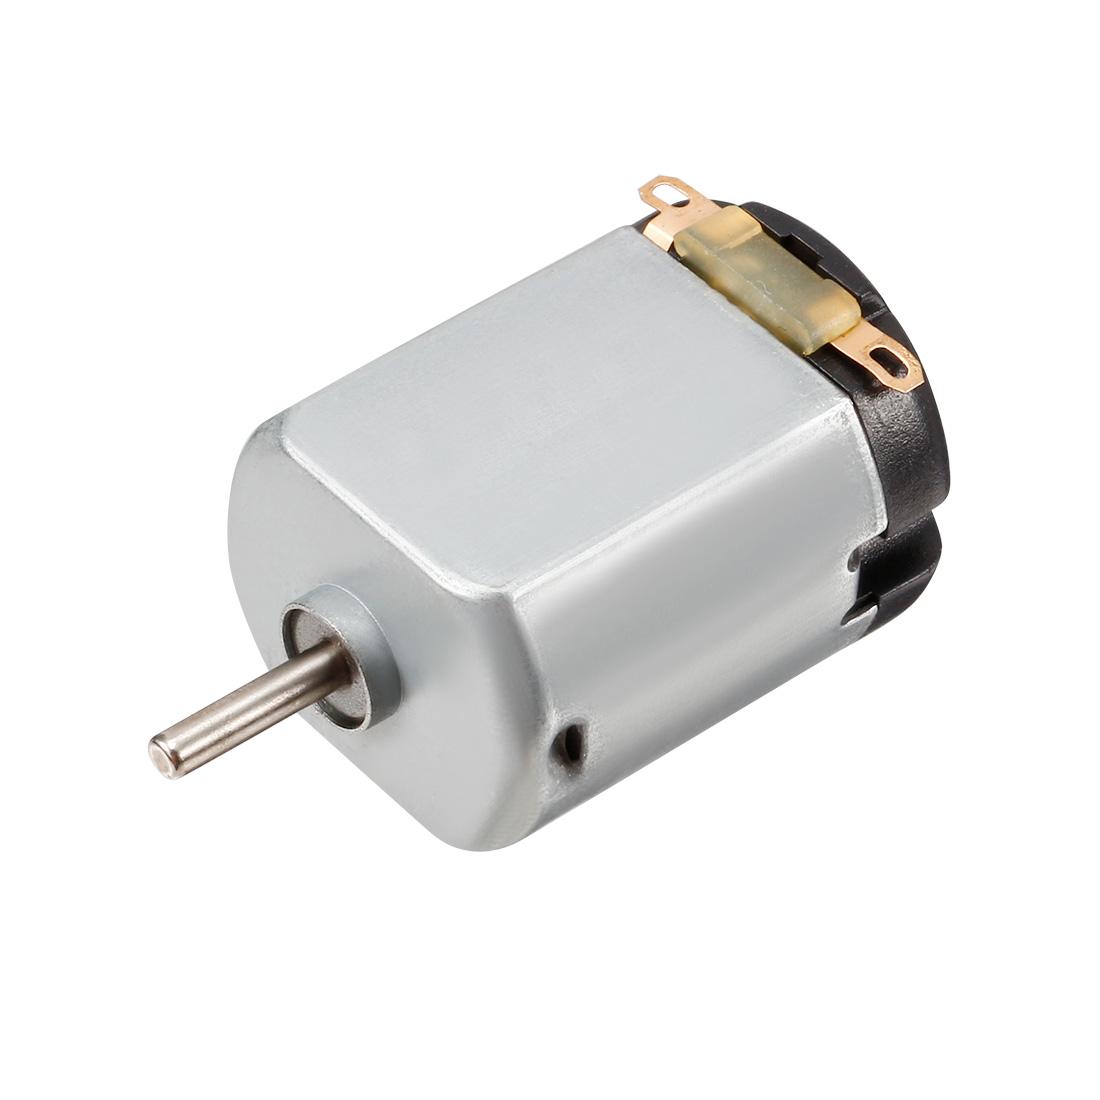 DC 1.5V-3V 18000RPM Mini Micro Motor for DIY RC Model Electric Car